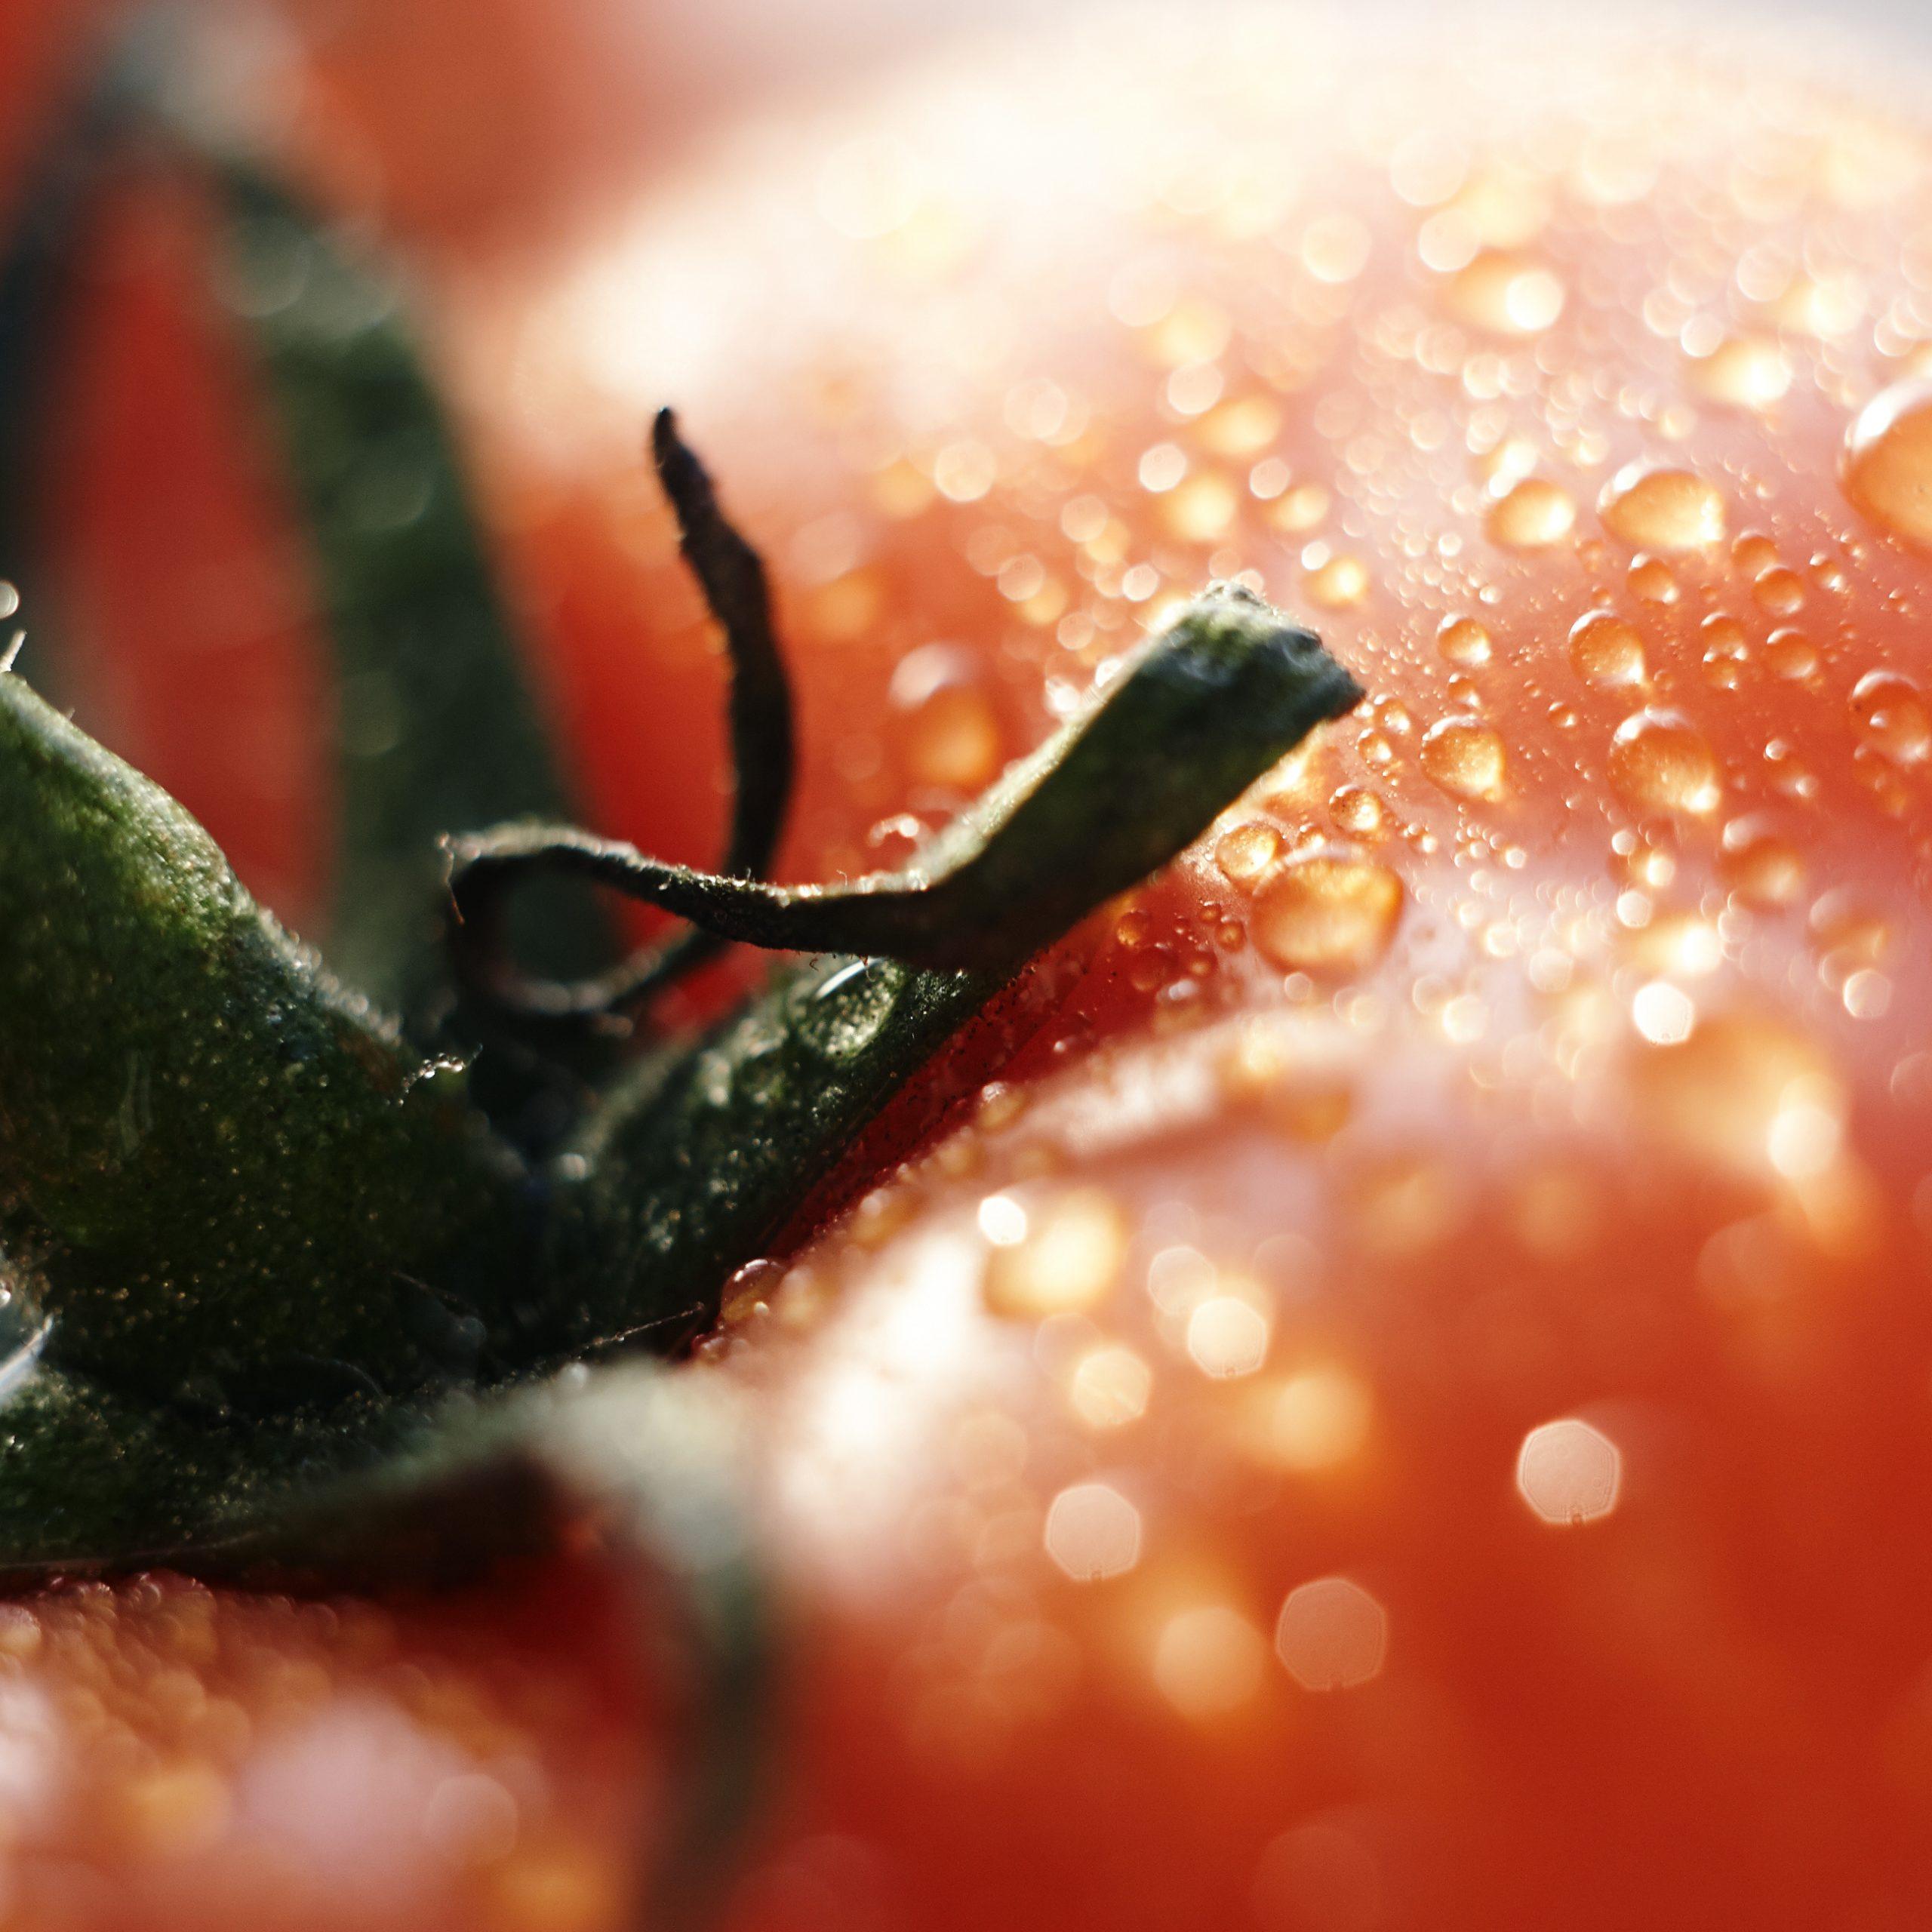 previene la humedad planta